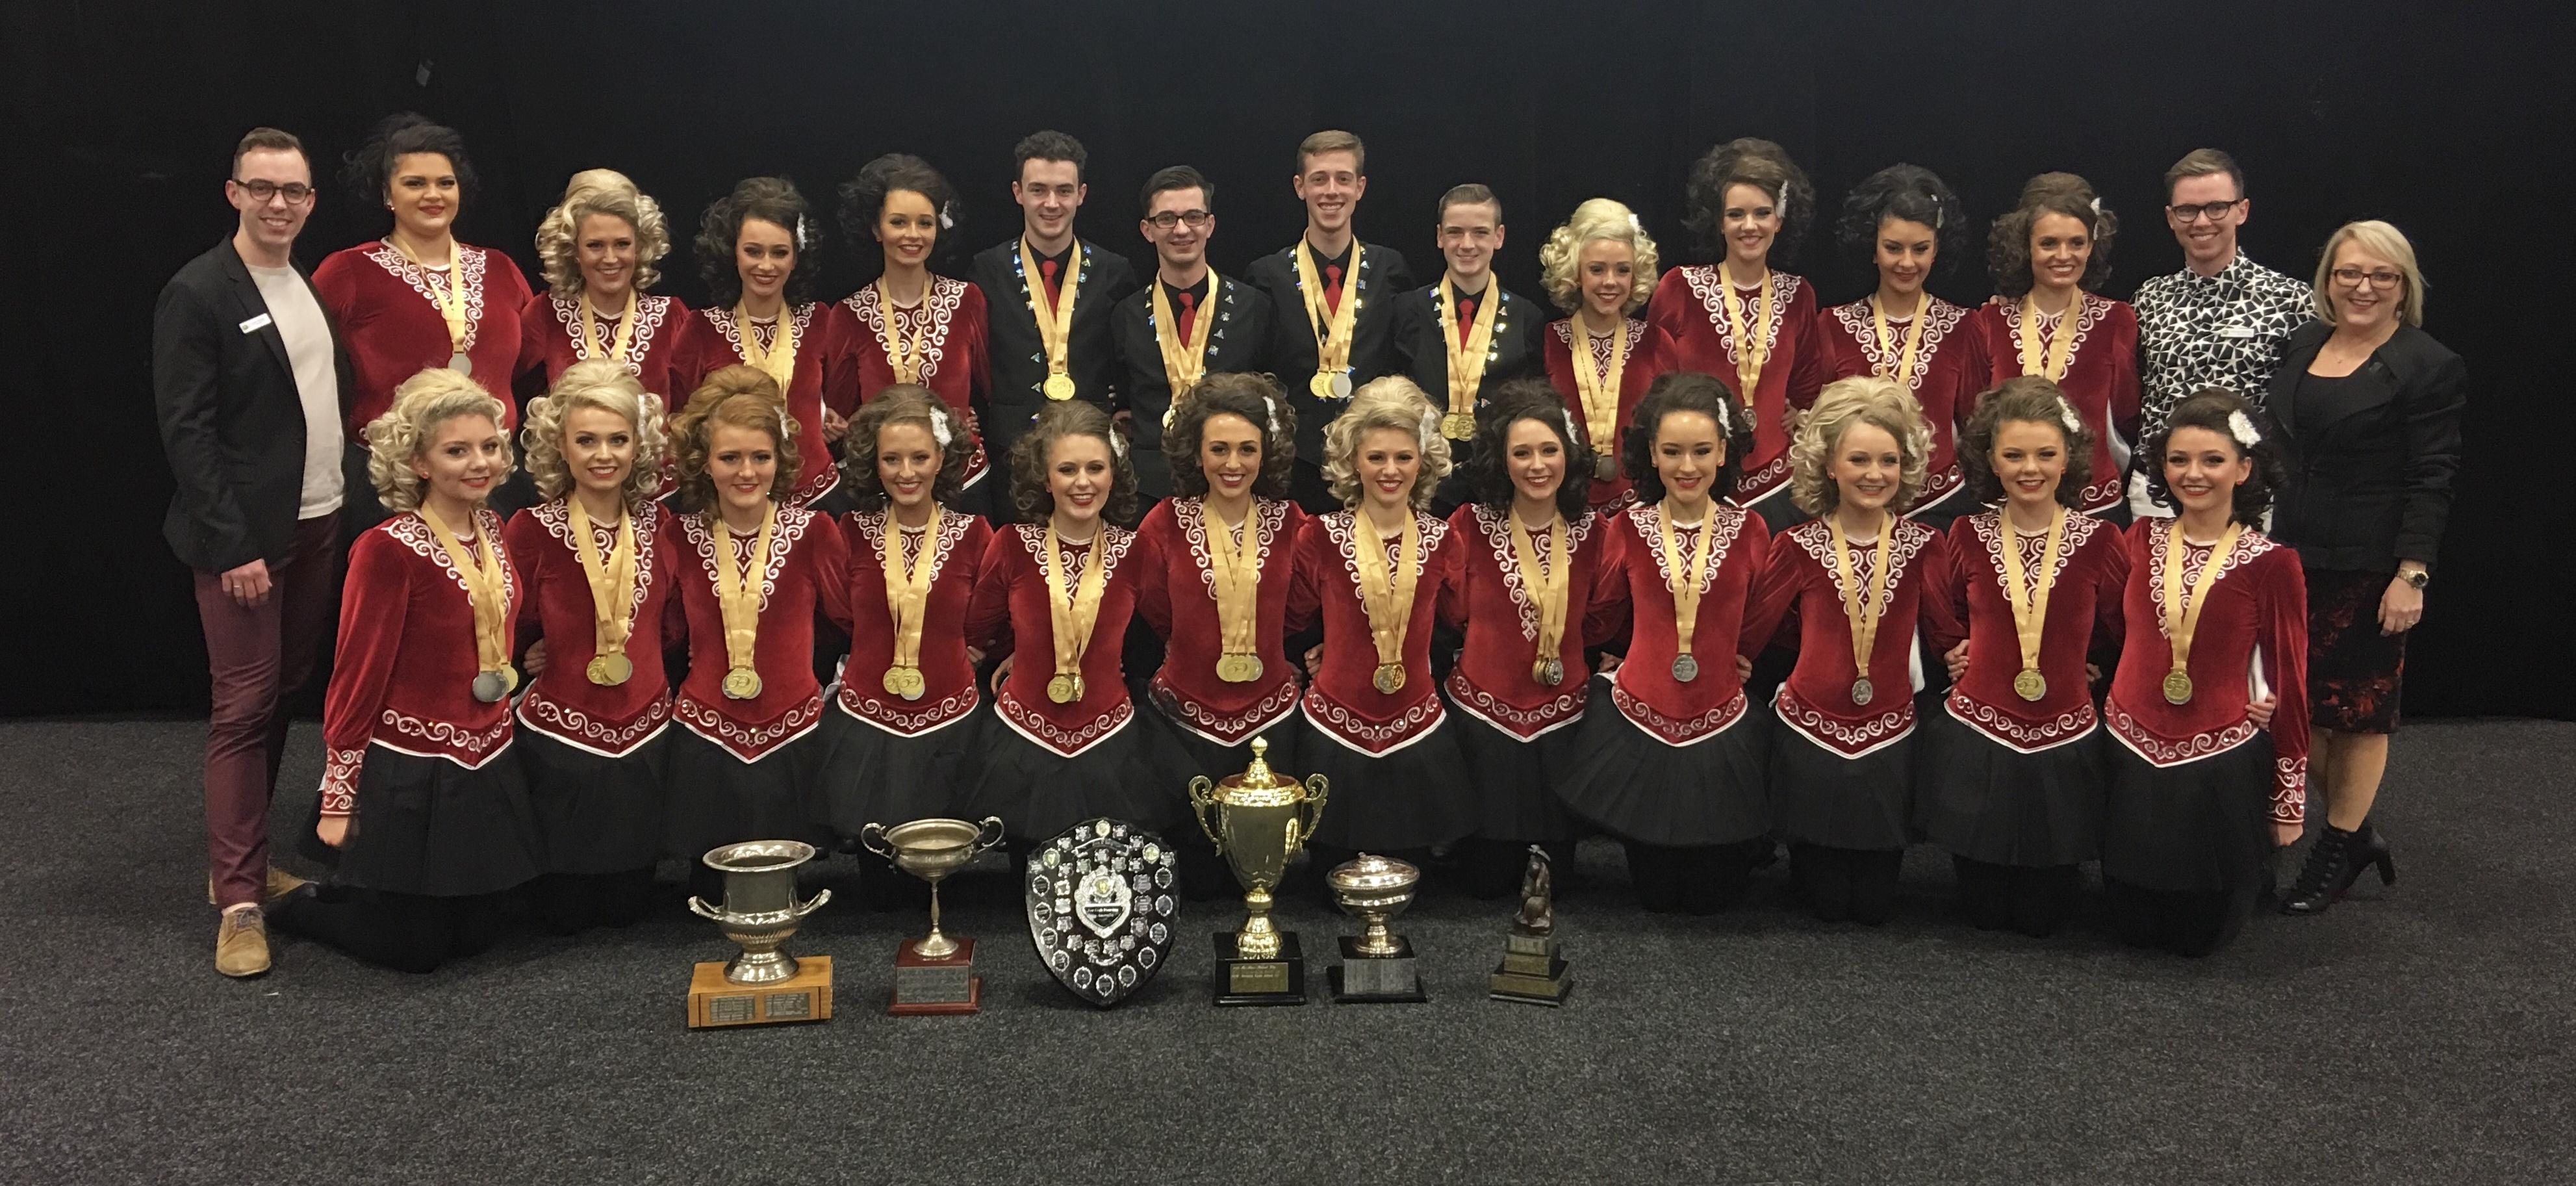 Adelaide Seniors 2017